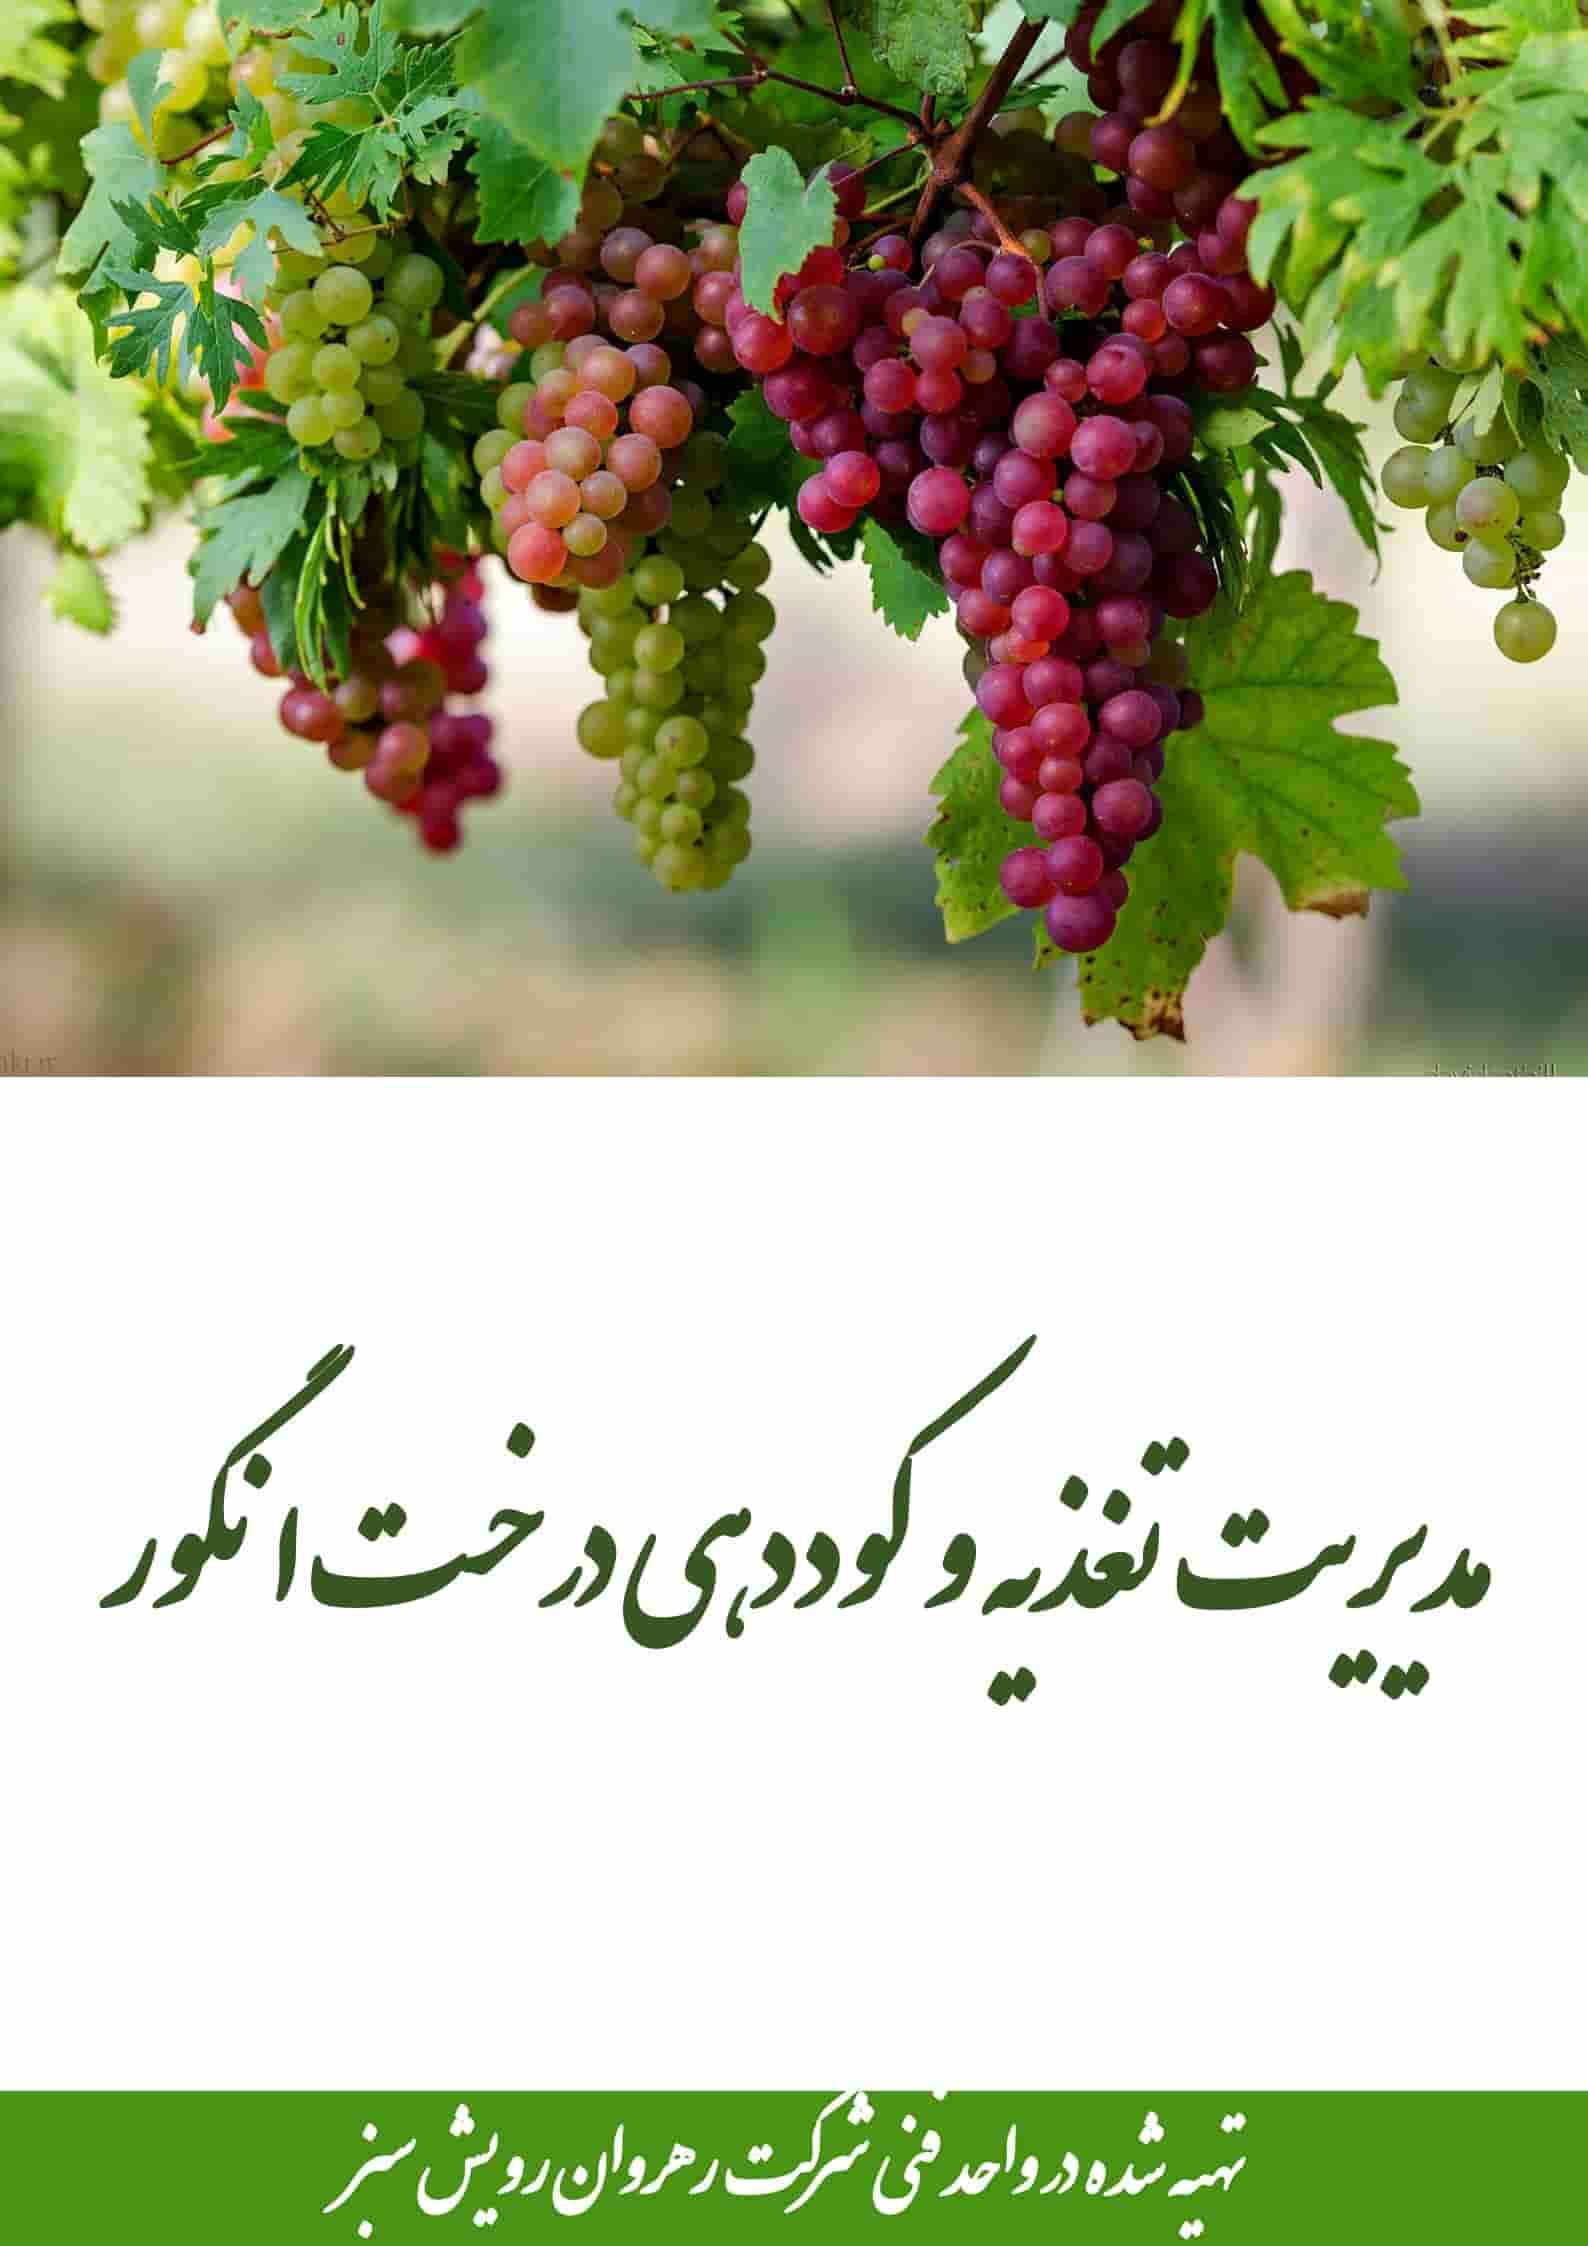 کوددهی درخت انگور